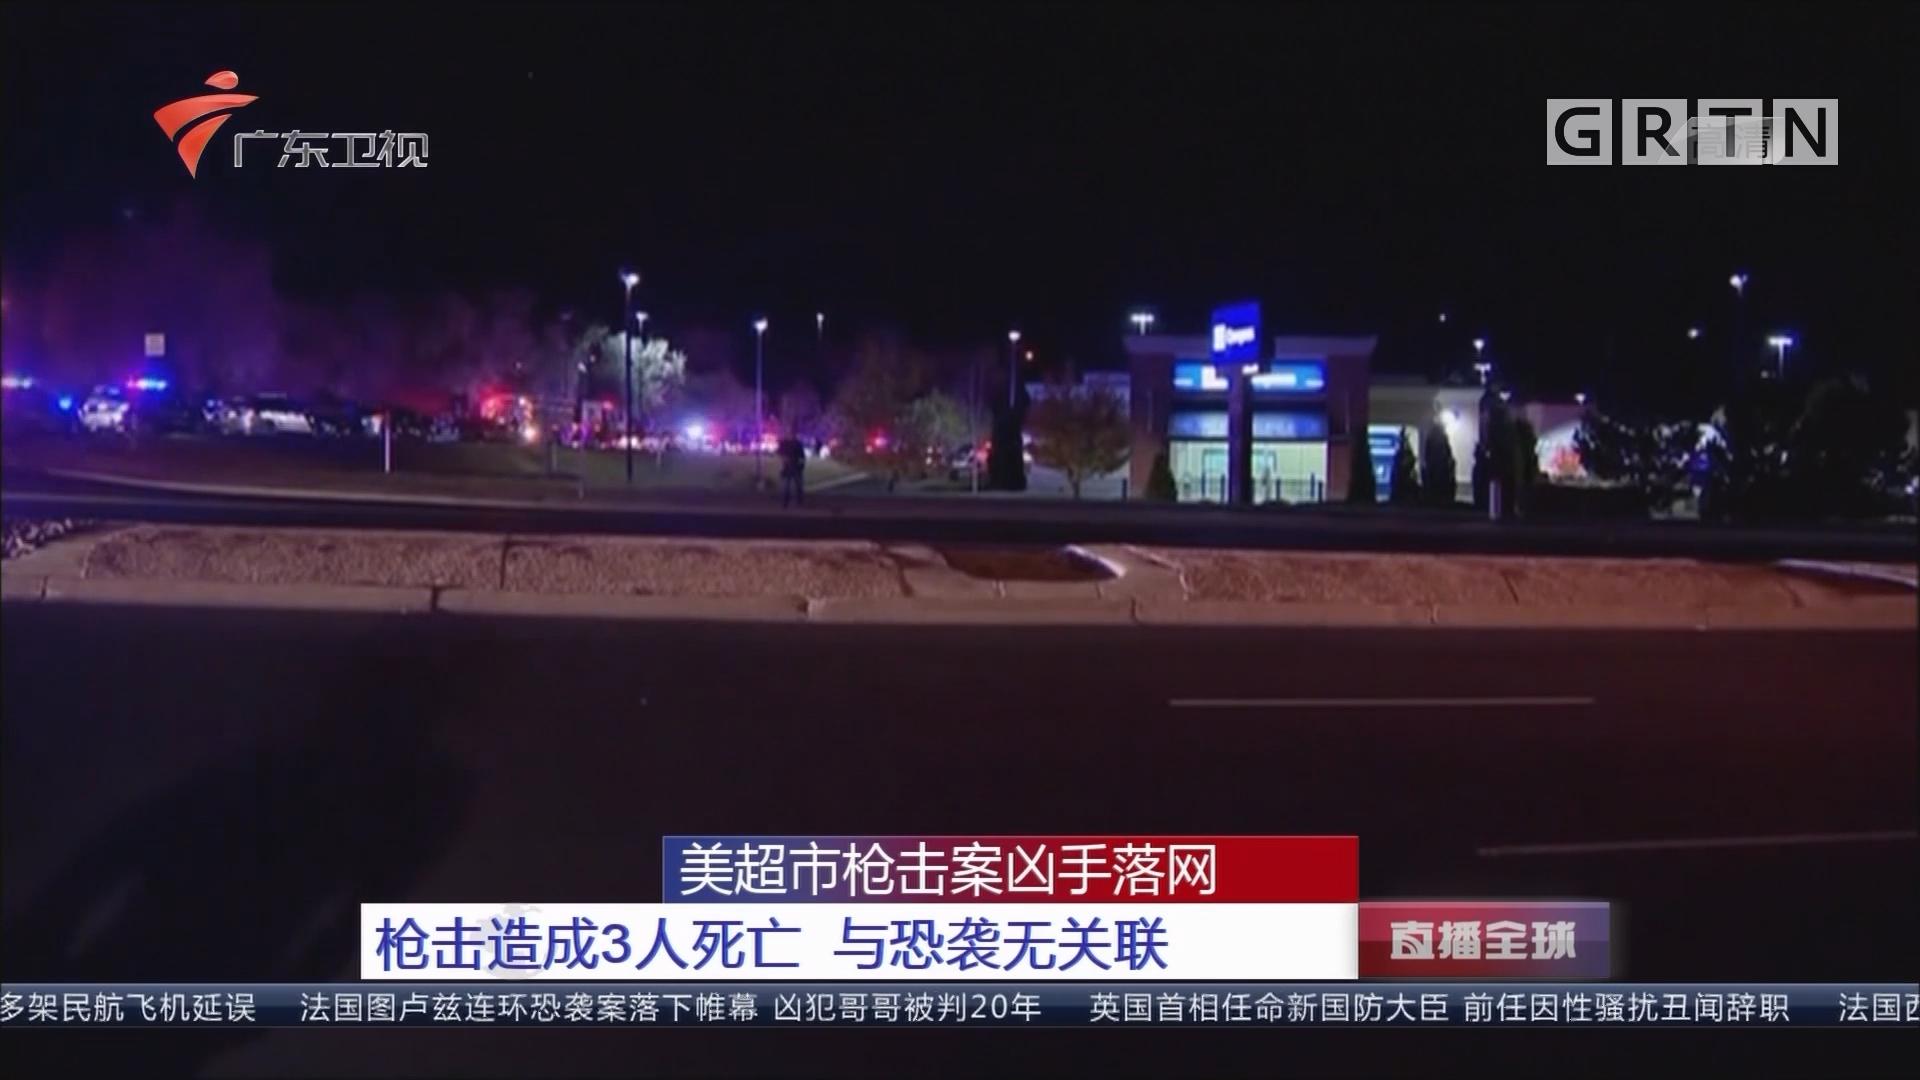 美超市枪击案凶手落网:枪击造成3人死亡 与恐袭无关联